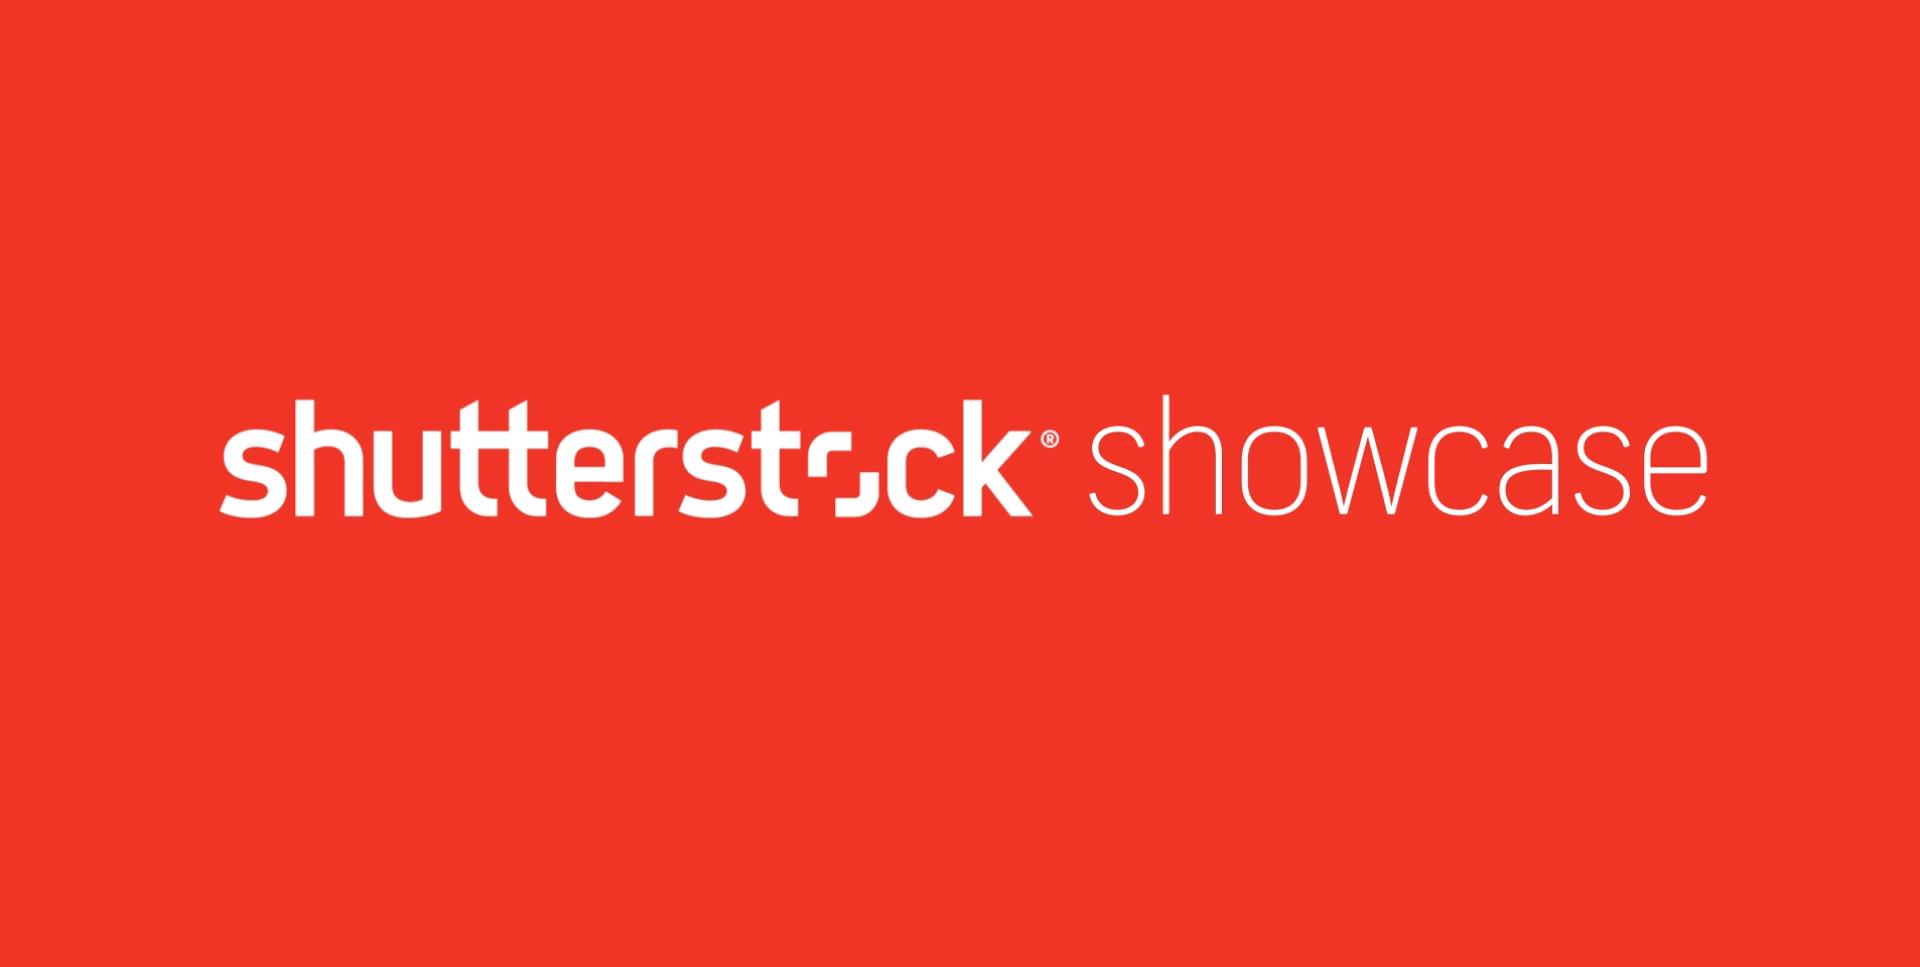 Shutterstock lança extensão para o google chrome que permite buscar e baixar imagens com facilidade. A extensão leva o nome de shutterstock reveal e faz parte do site experimental shutterstock showcase. Além disso, outras duas ferramentas foram apresentadas. Confira: